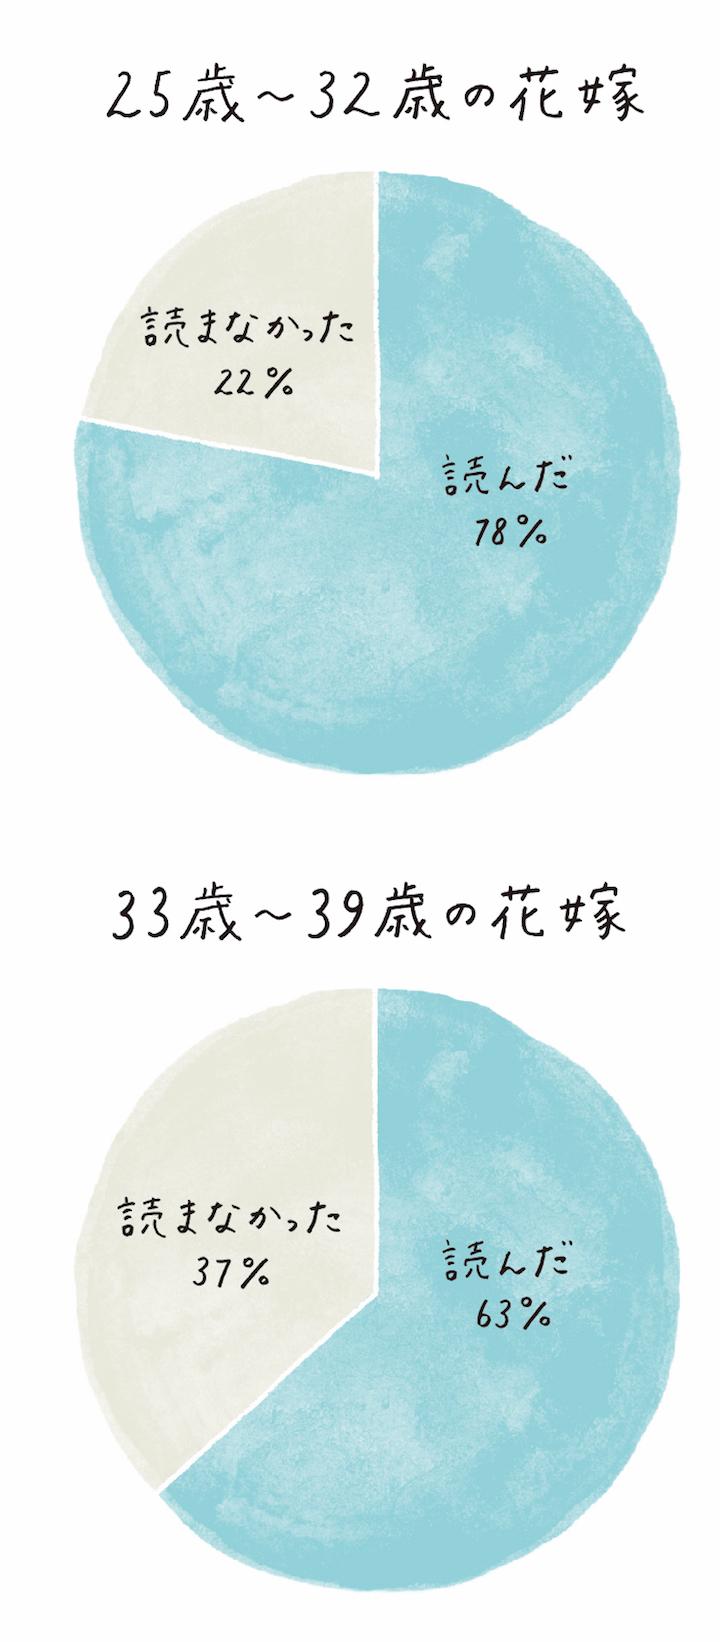 花嫁の手紙を読んだか否か、意識調査の年代別円グラフ2つ。